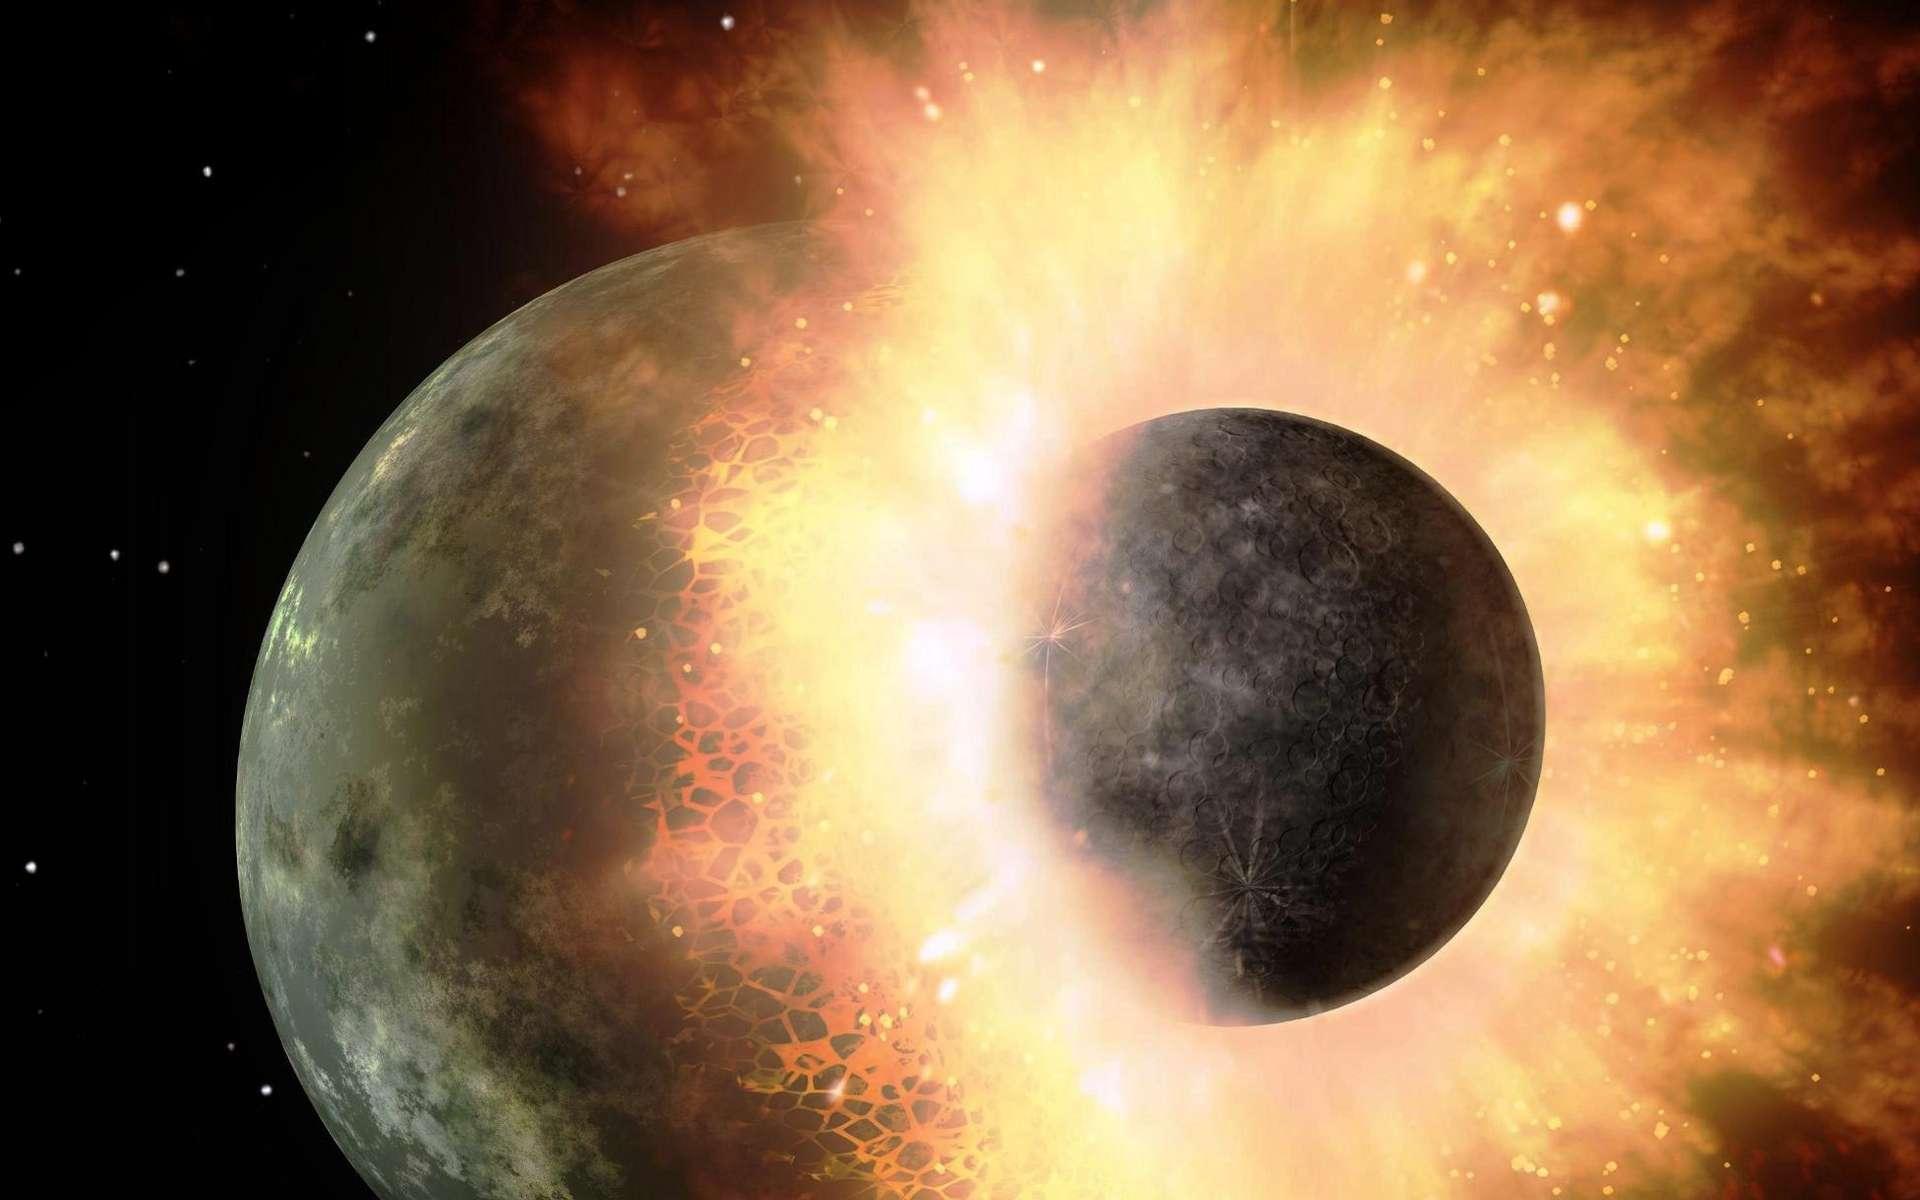 Selon des chercheurs de l'université de Yale (États-Unis), la Lune se serait formée suite à un impact géant alors que la Terre était recouverte d'un océan de magma chaud. © Nasa, JPL-Caltech